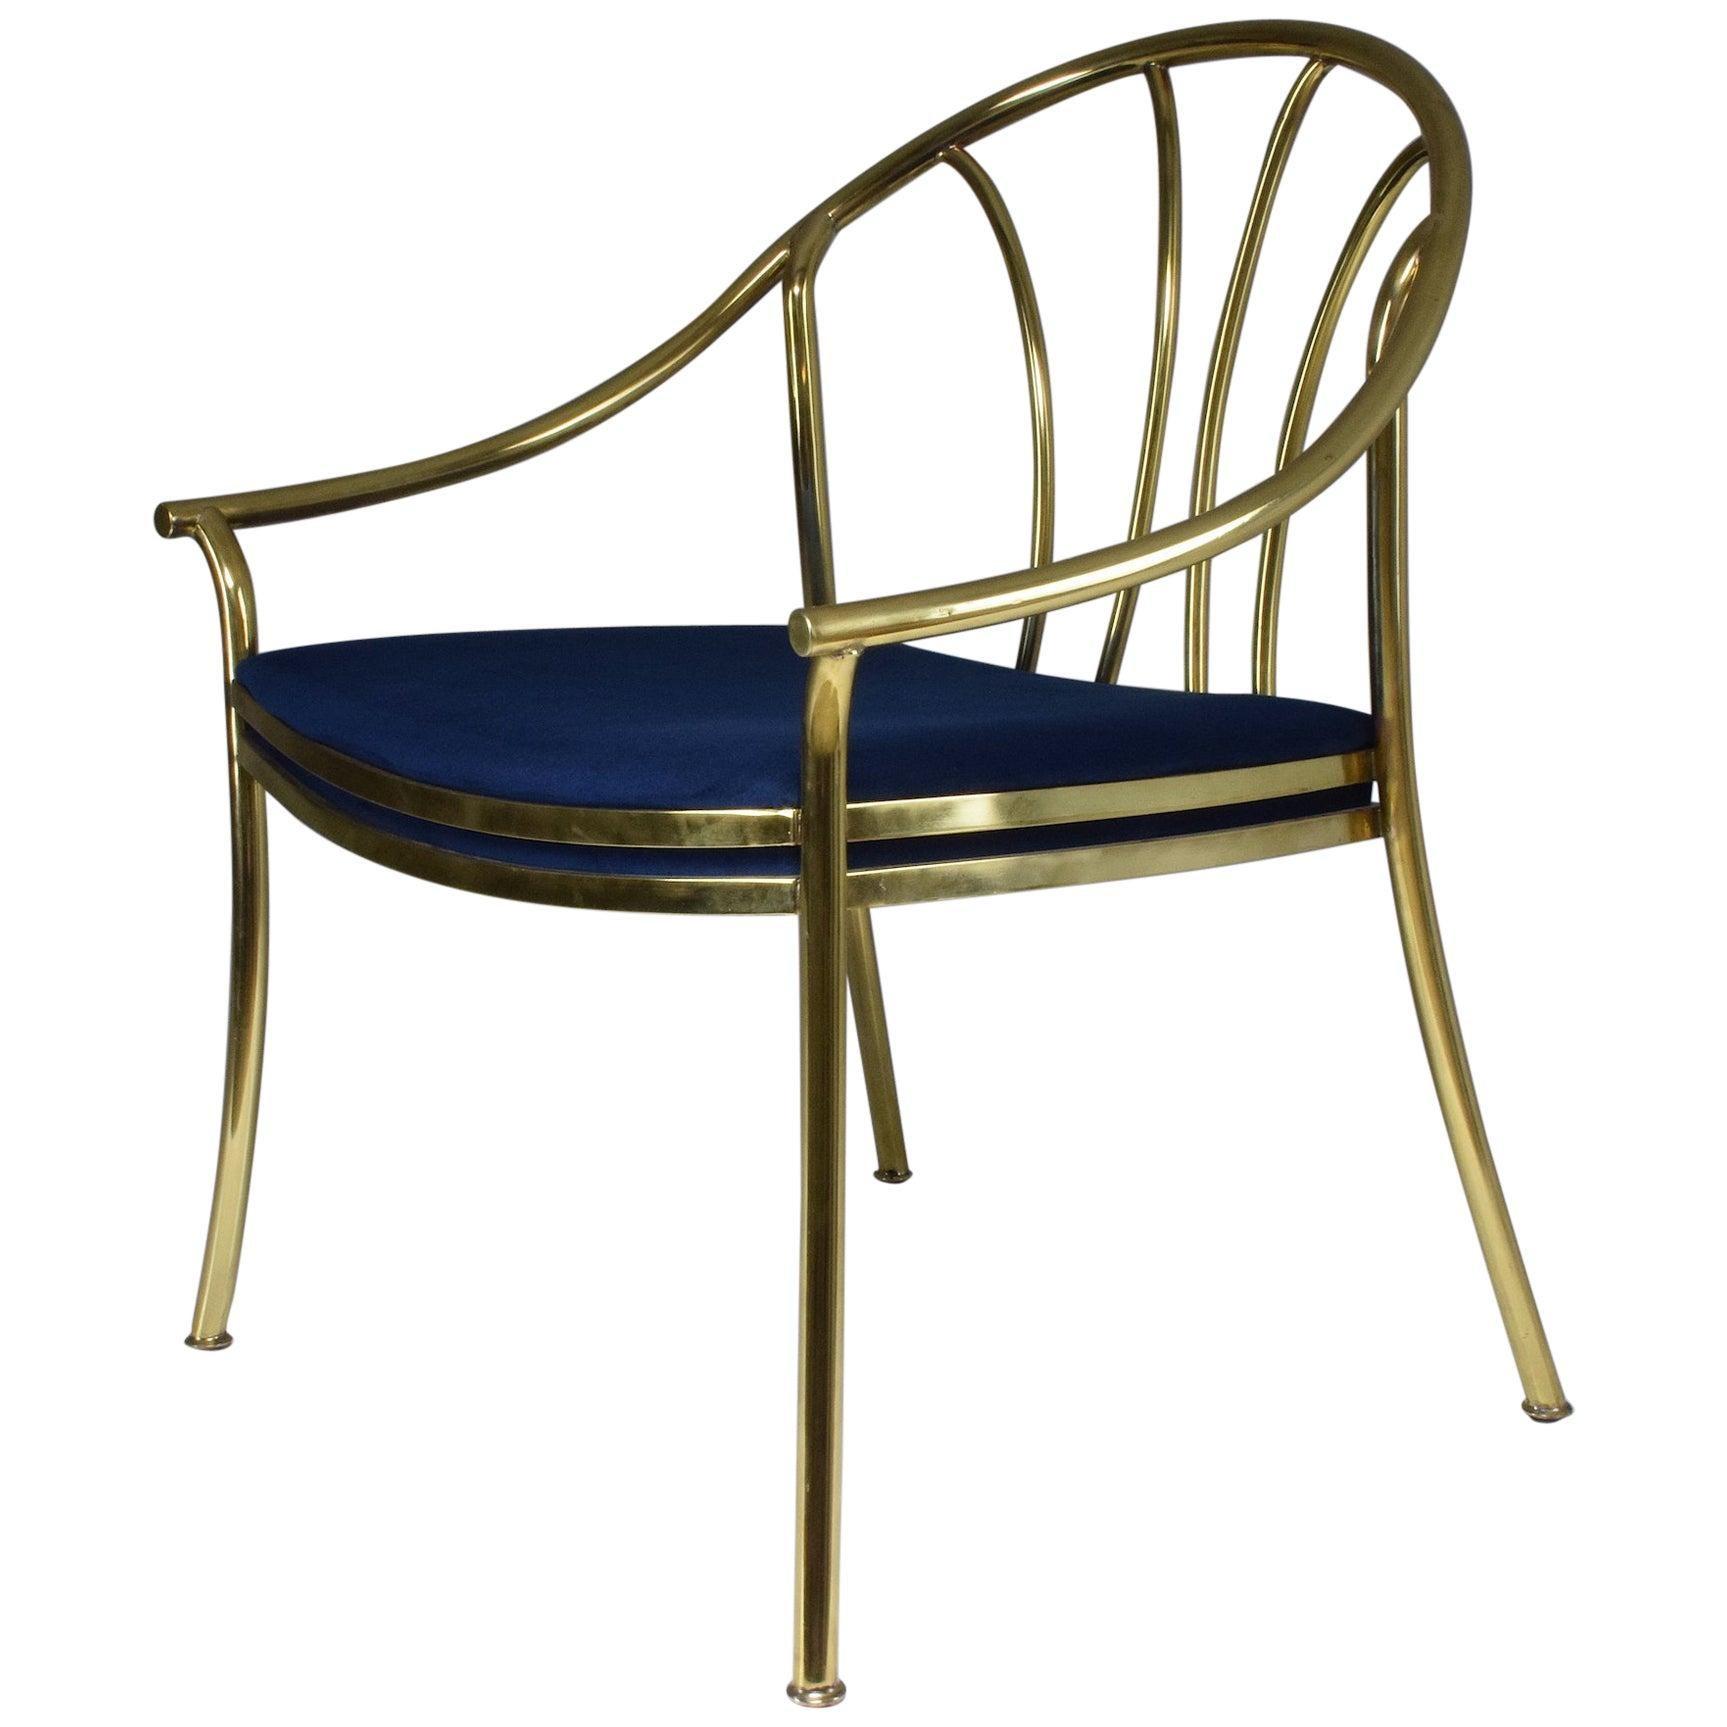 20th Century Italian Vintage Brass Armchair, 1970-1980